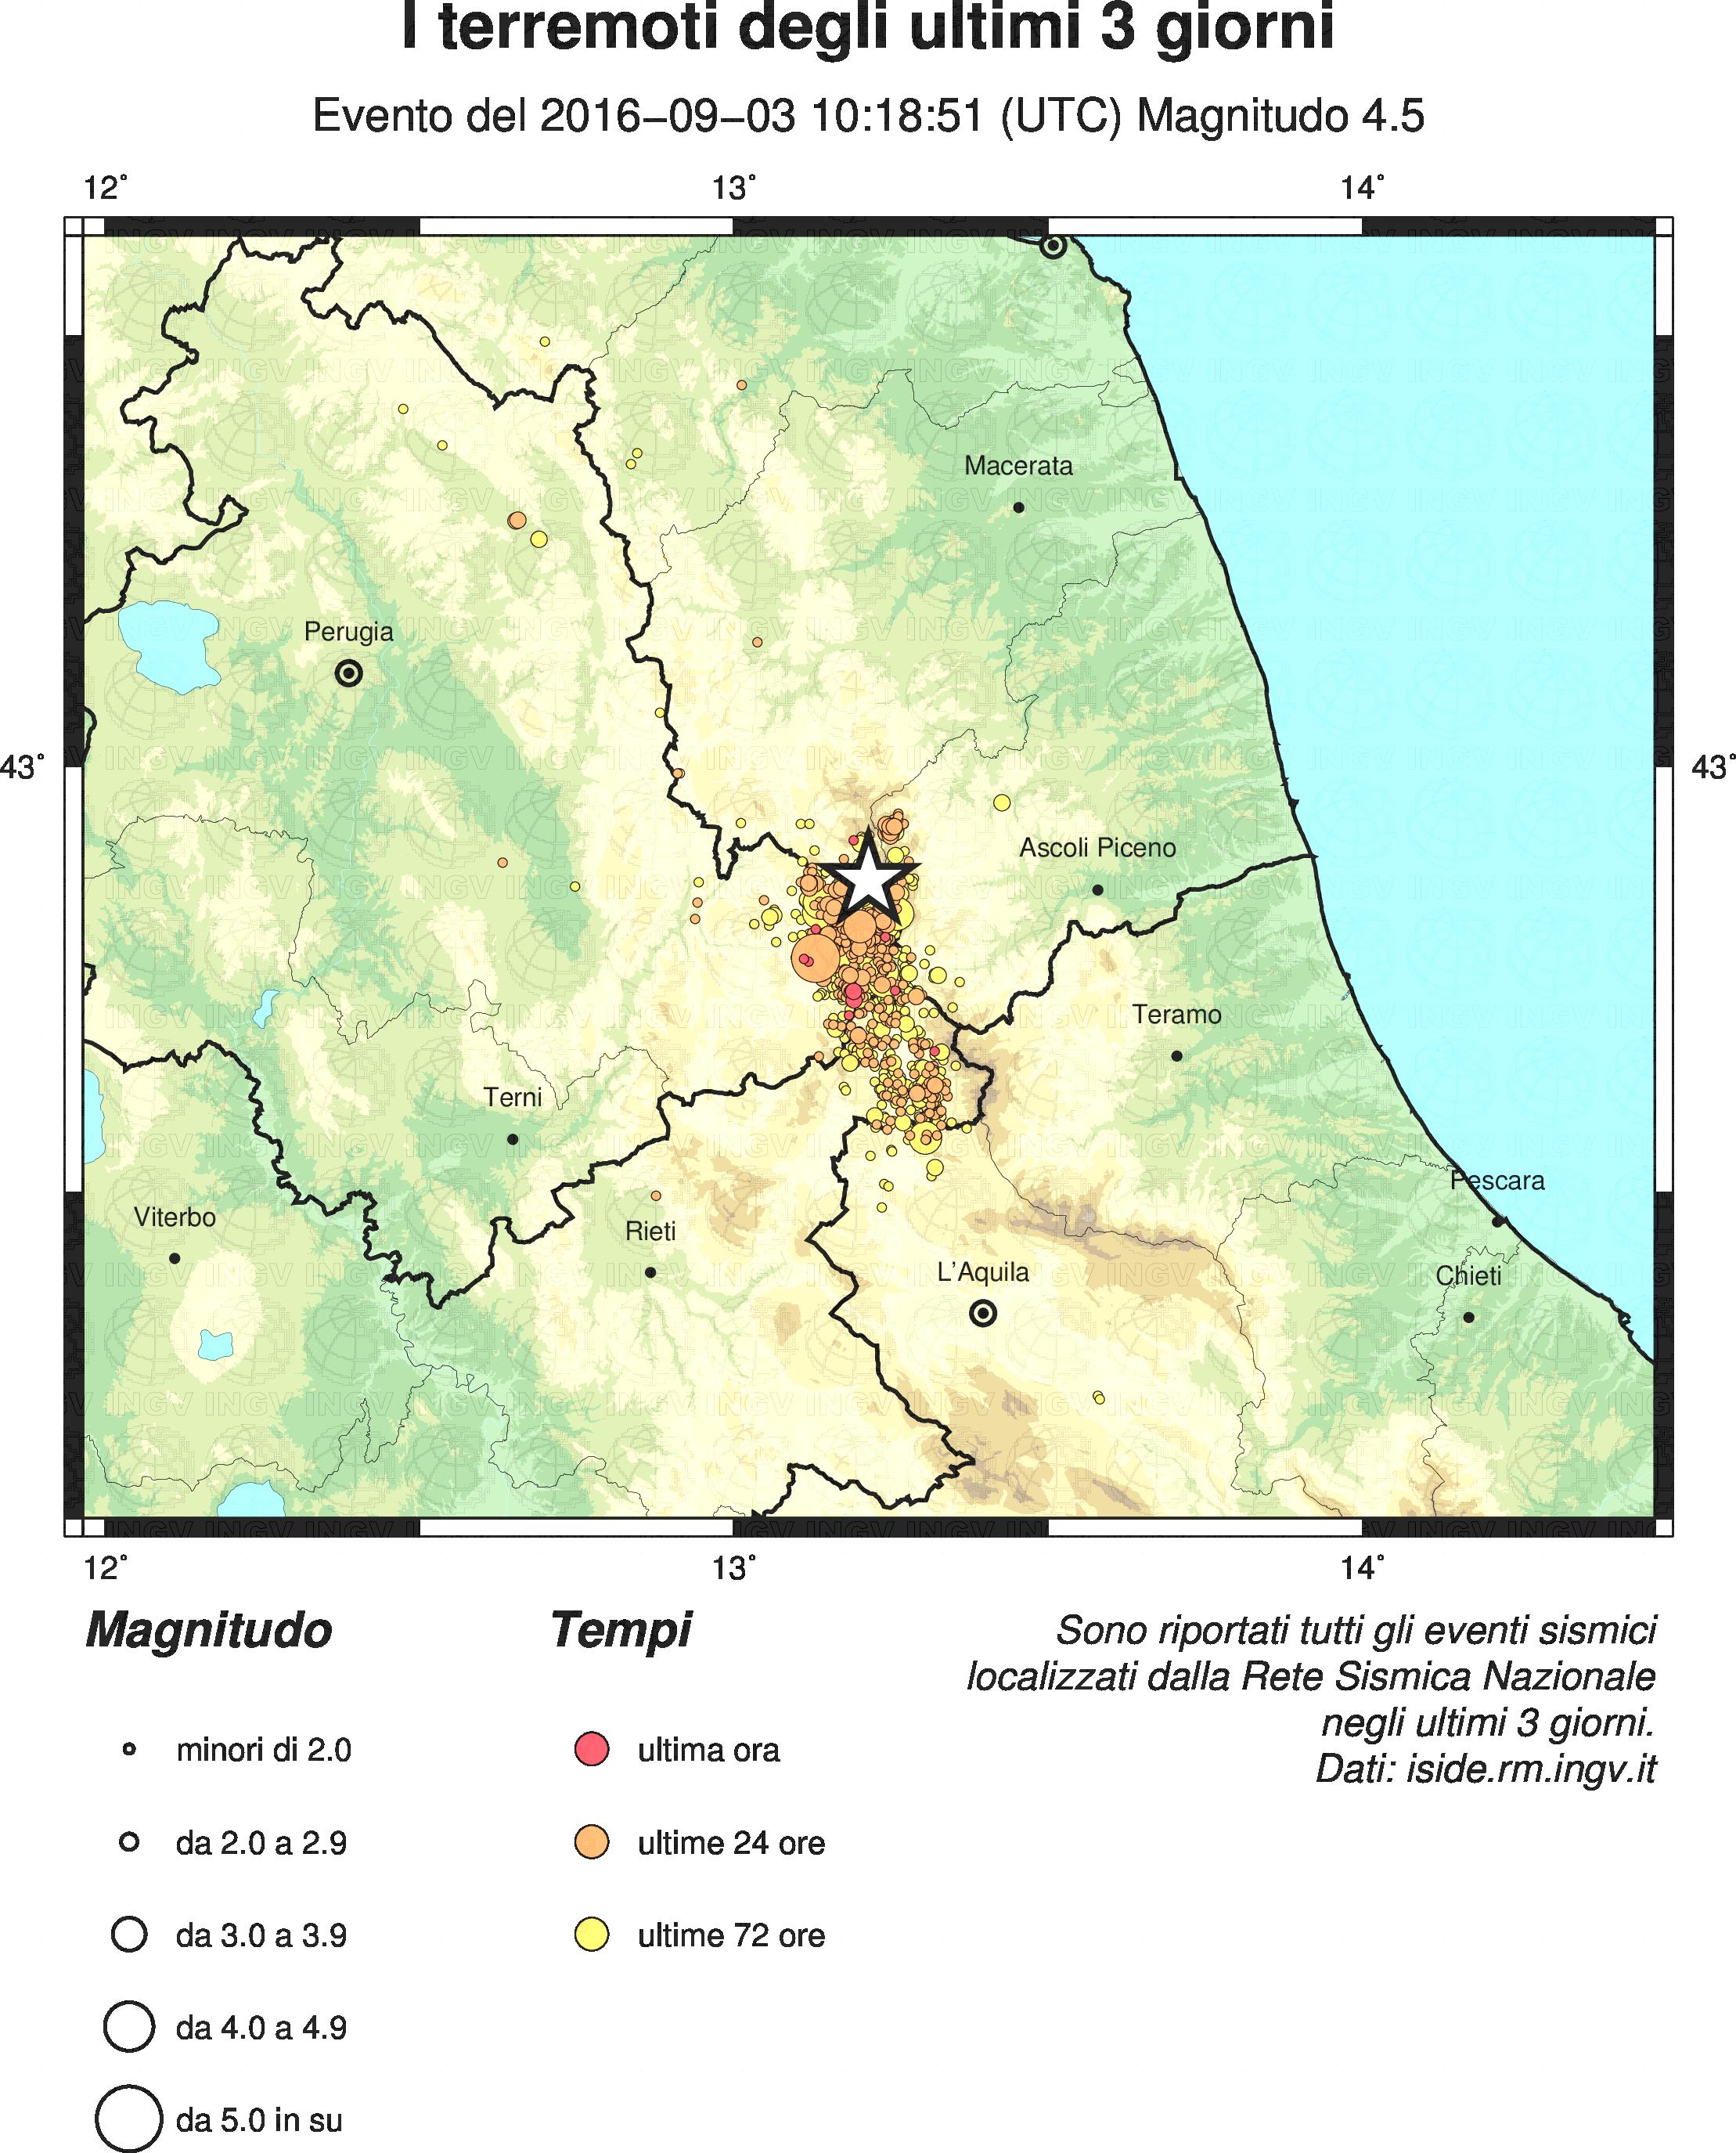 Sequenza sismica in Italia centrale: evento sismico M4.5, ore 12.18 del 3 settembre